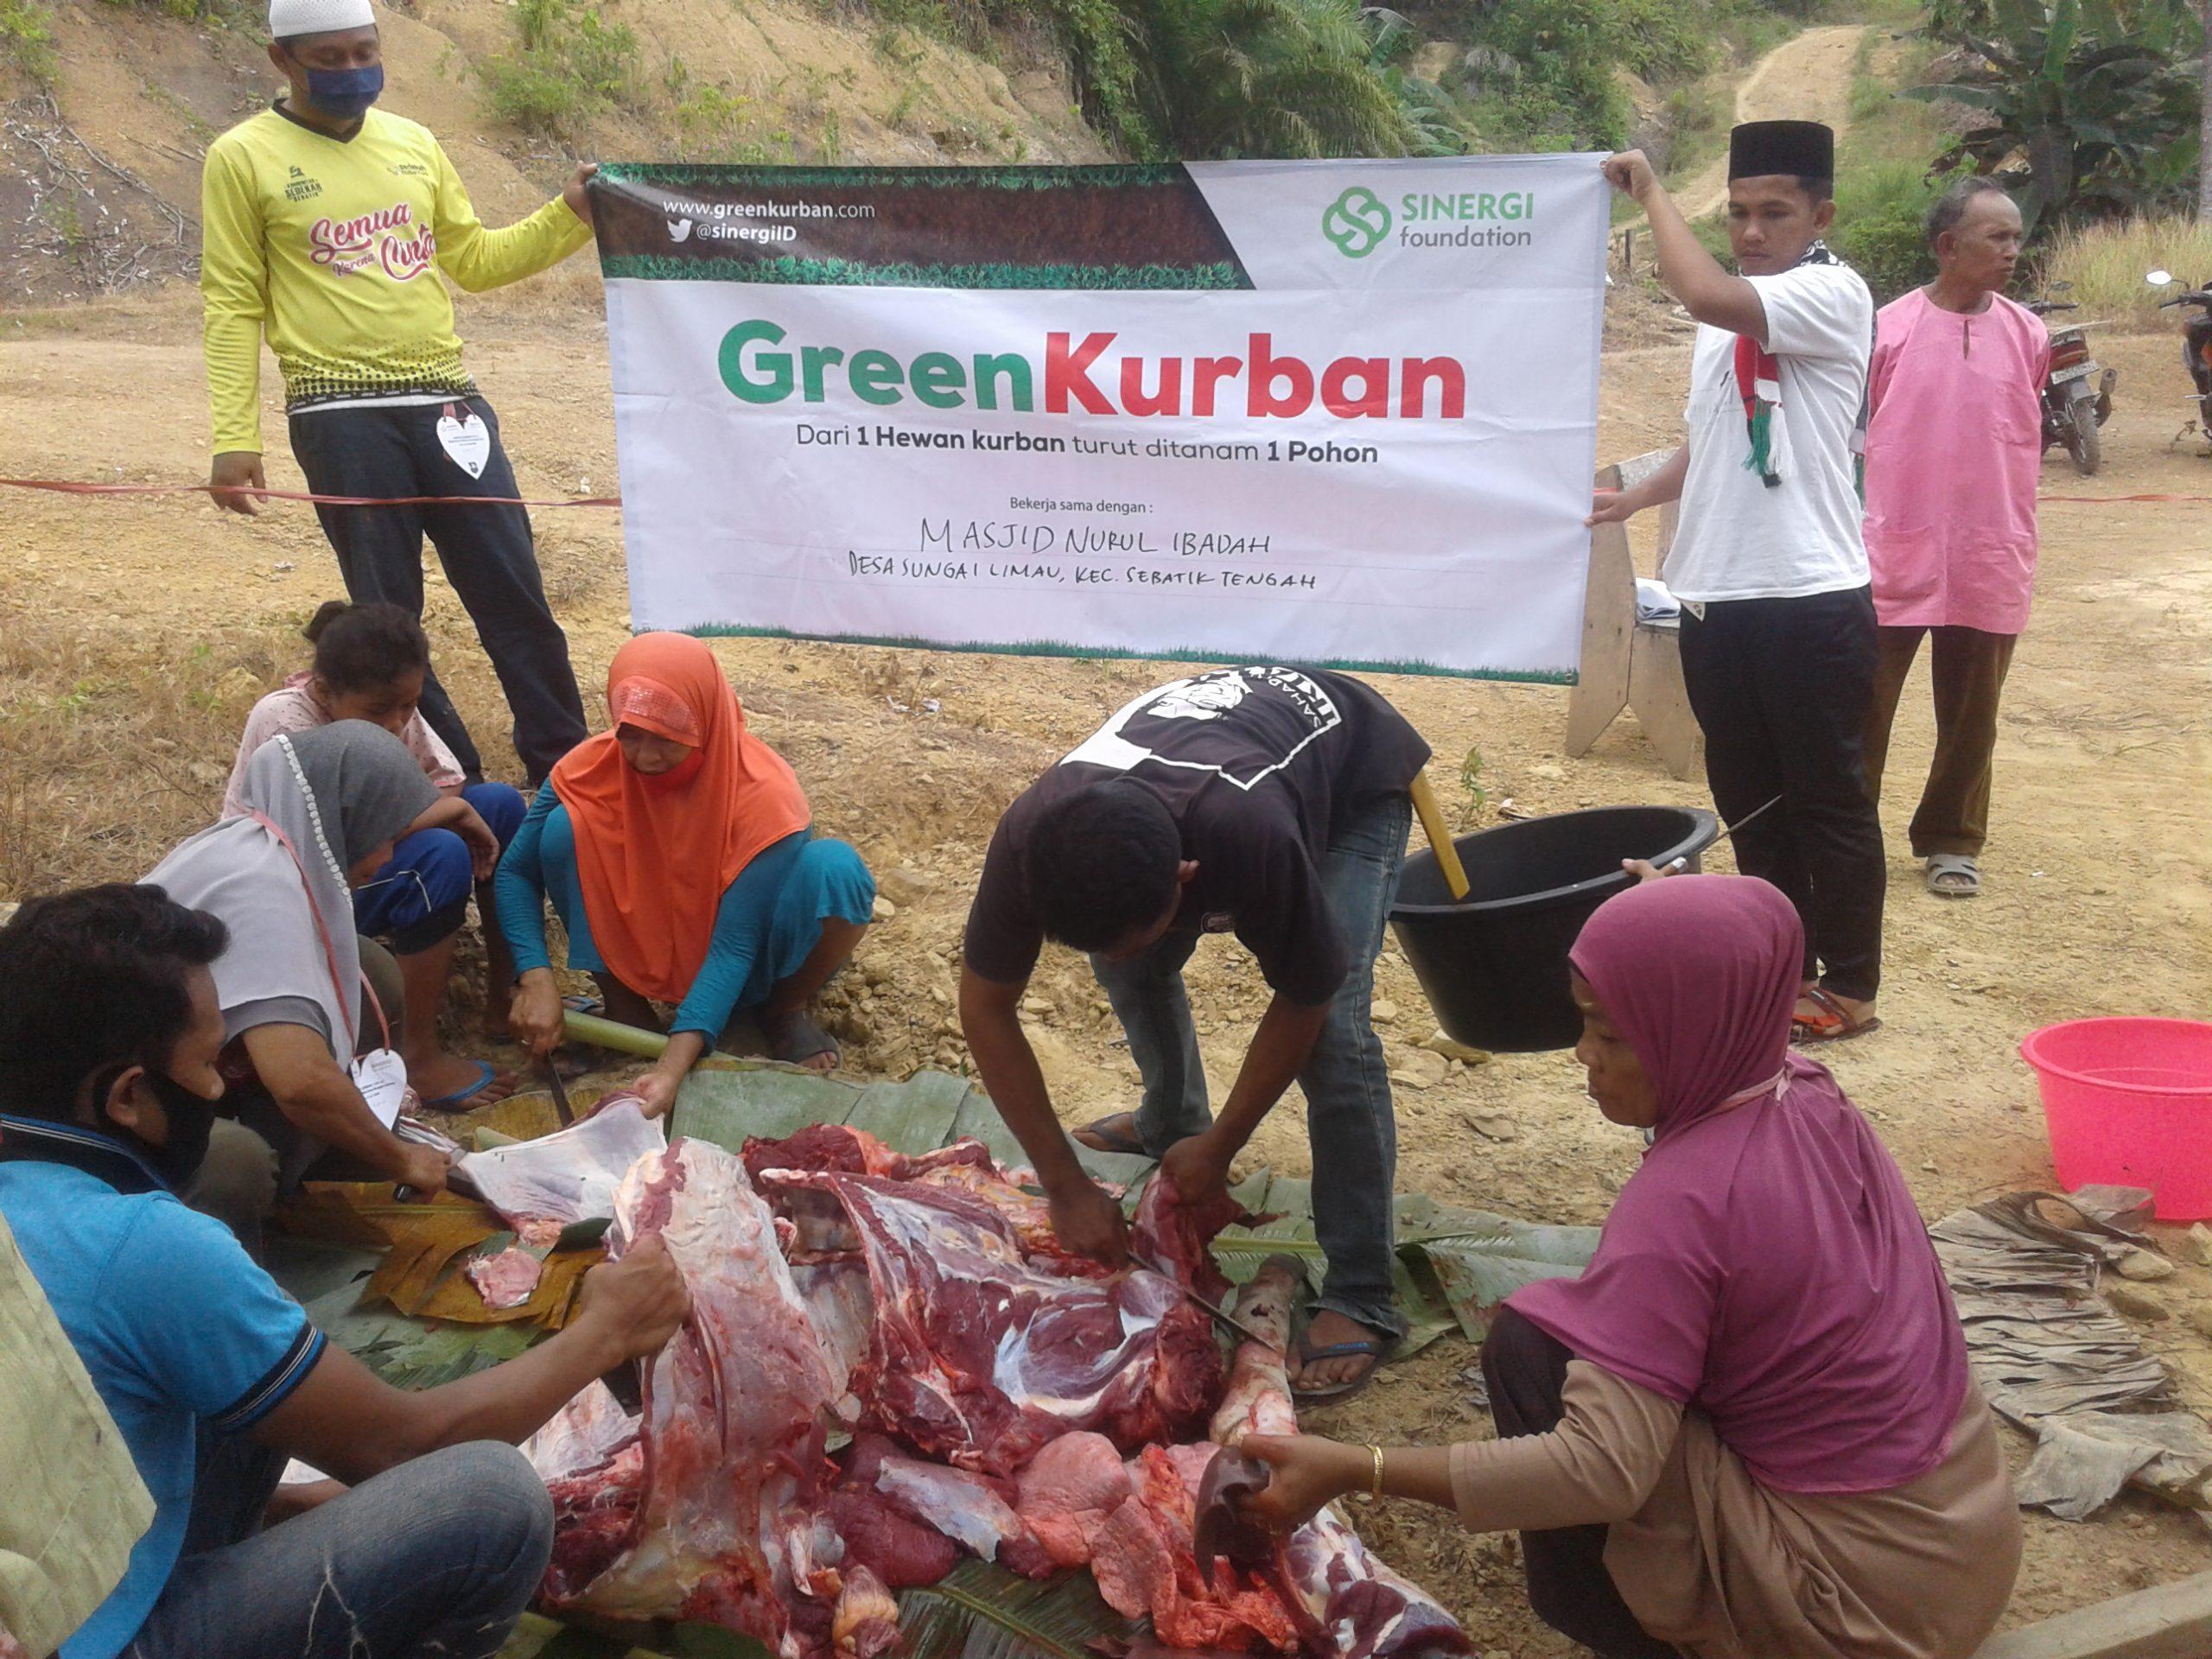 green kurban, kurban